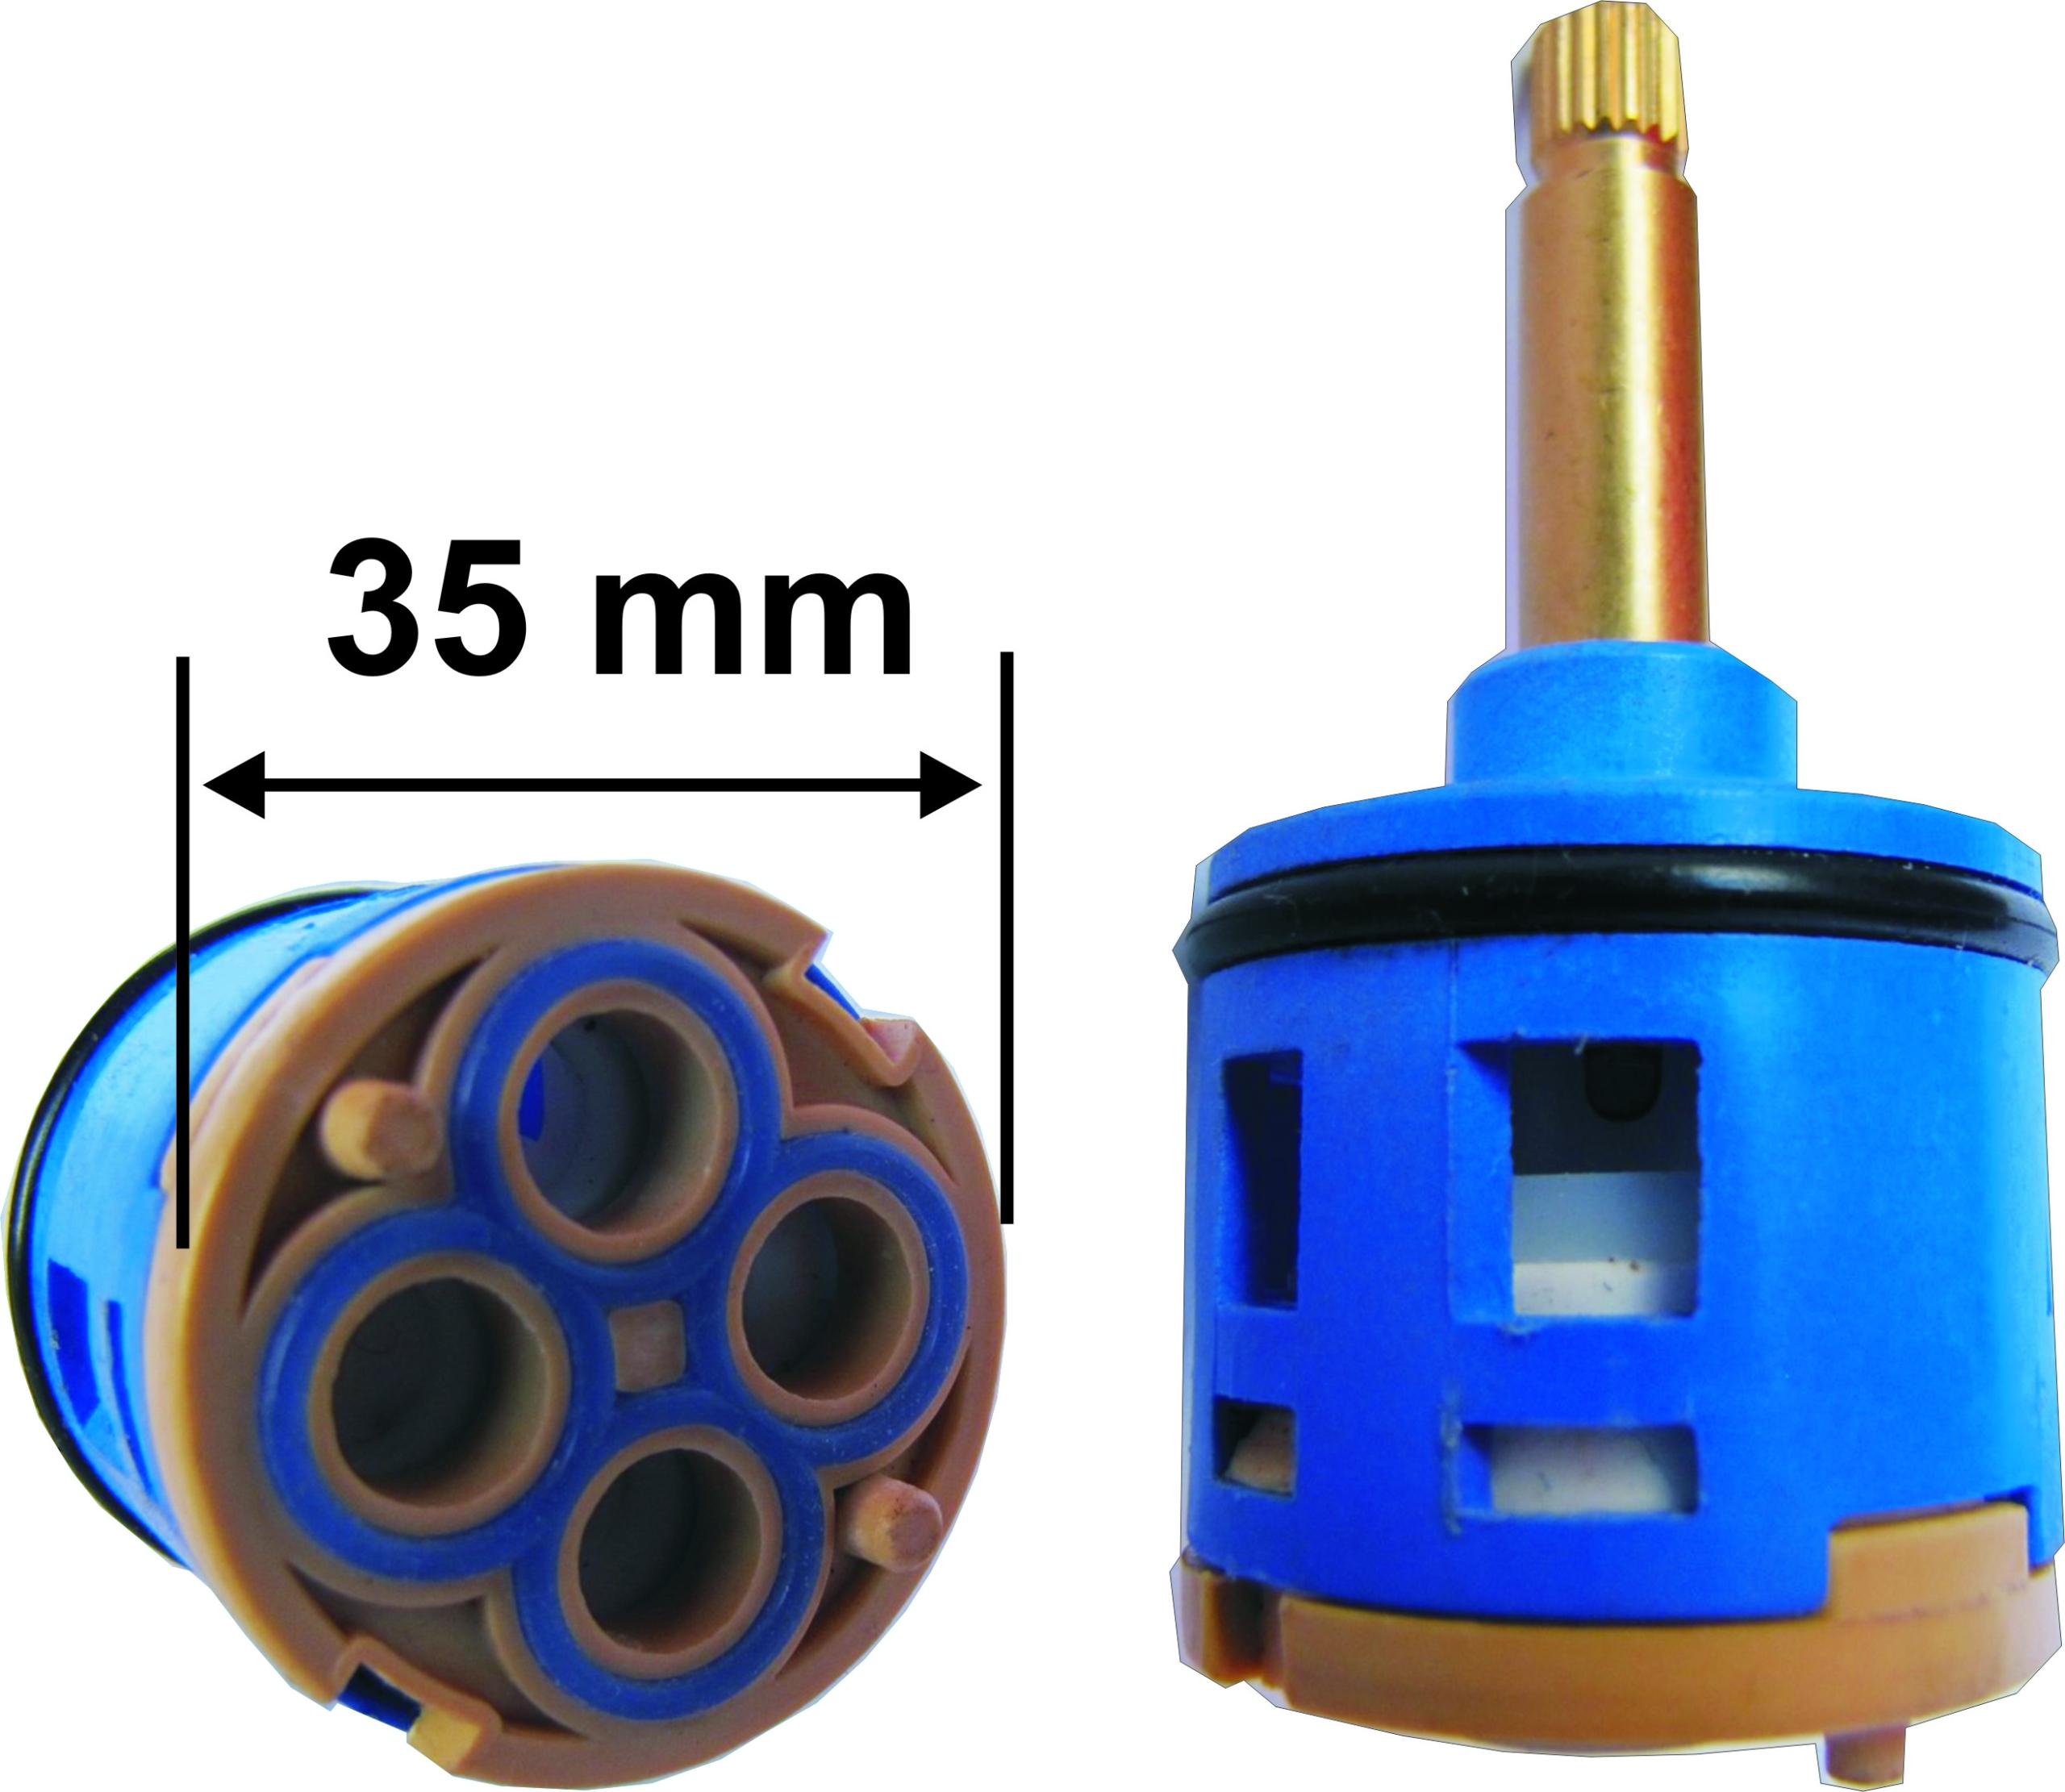 HLAVA - SPÍNAČ 4 FUNKCIE 35mm 29 / 36mm